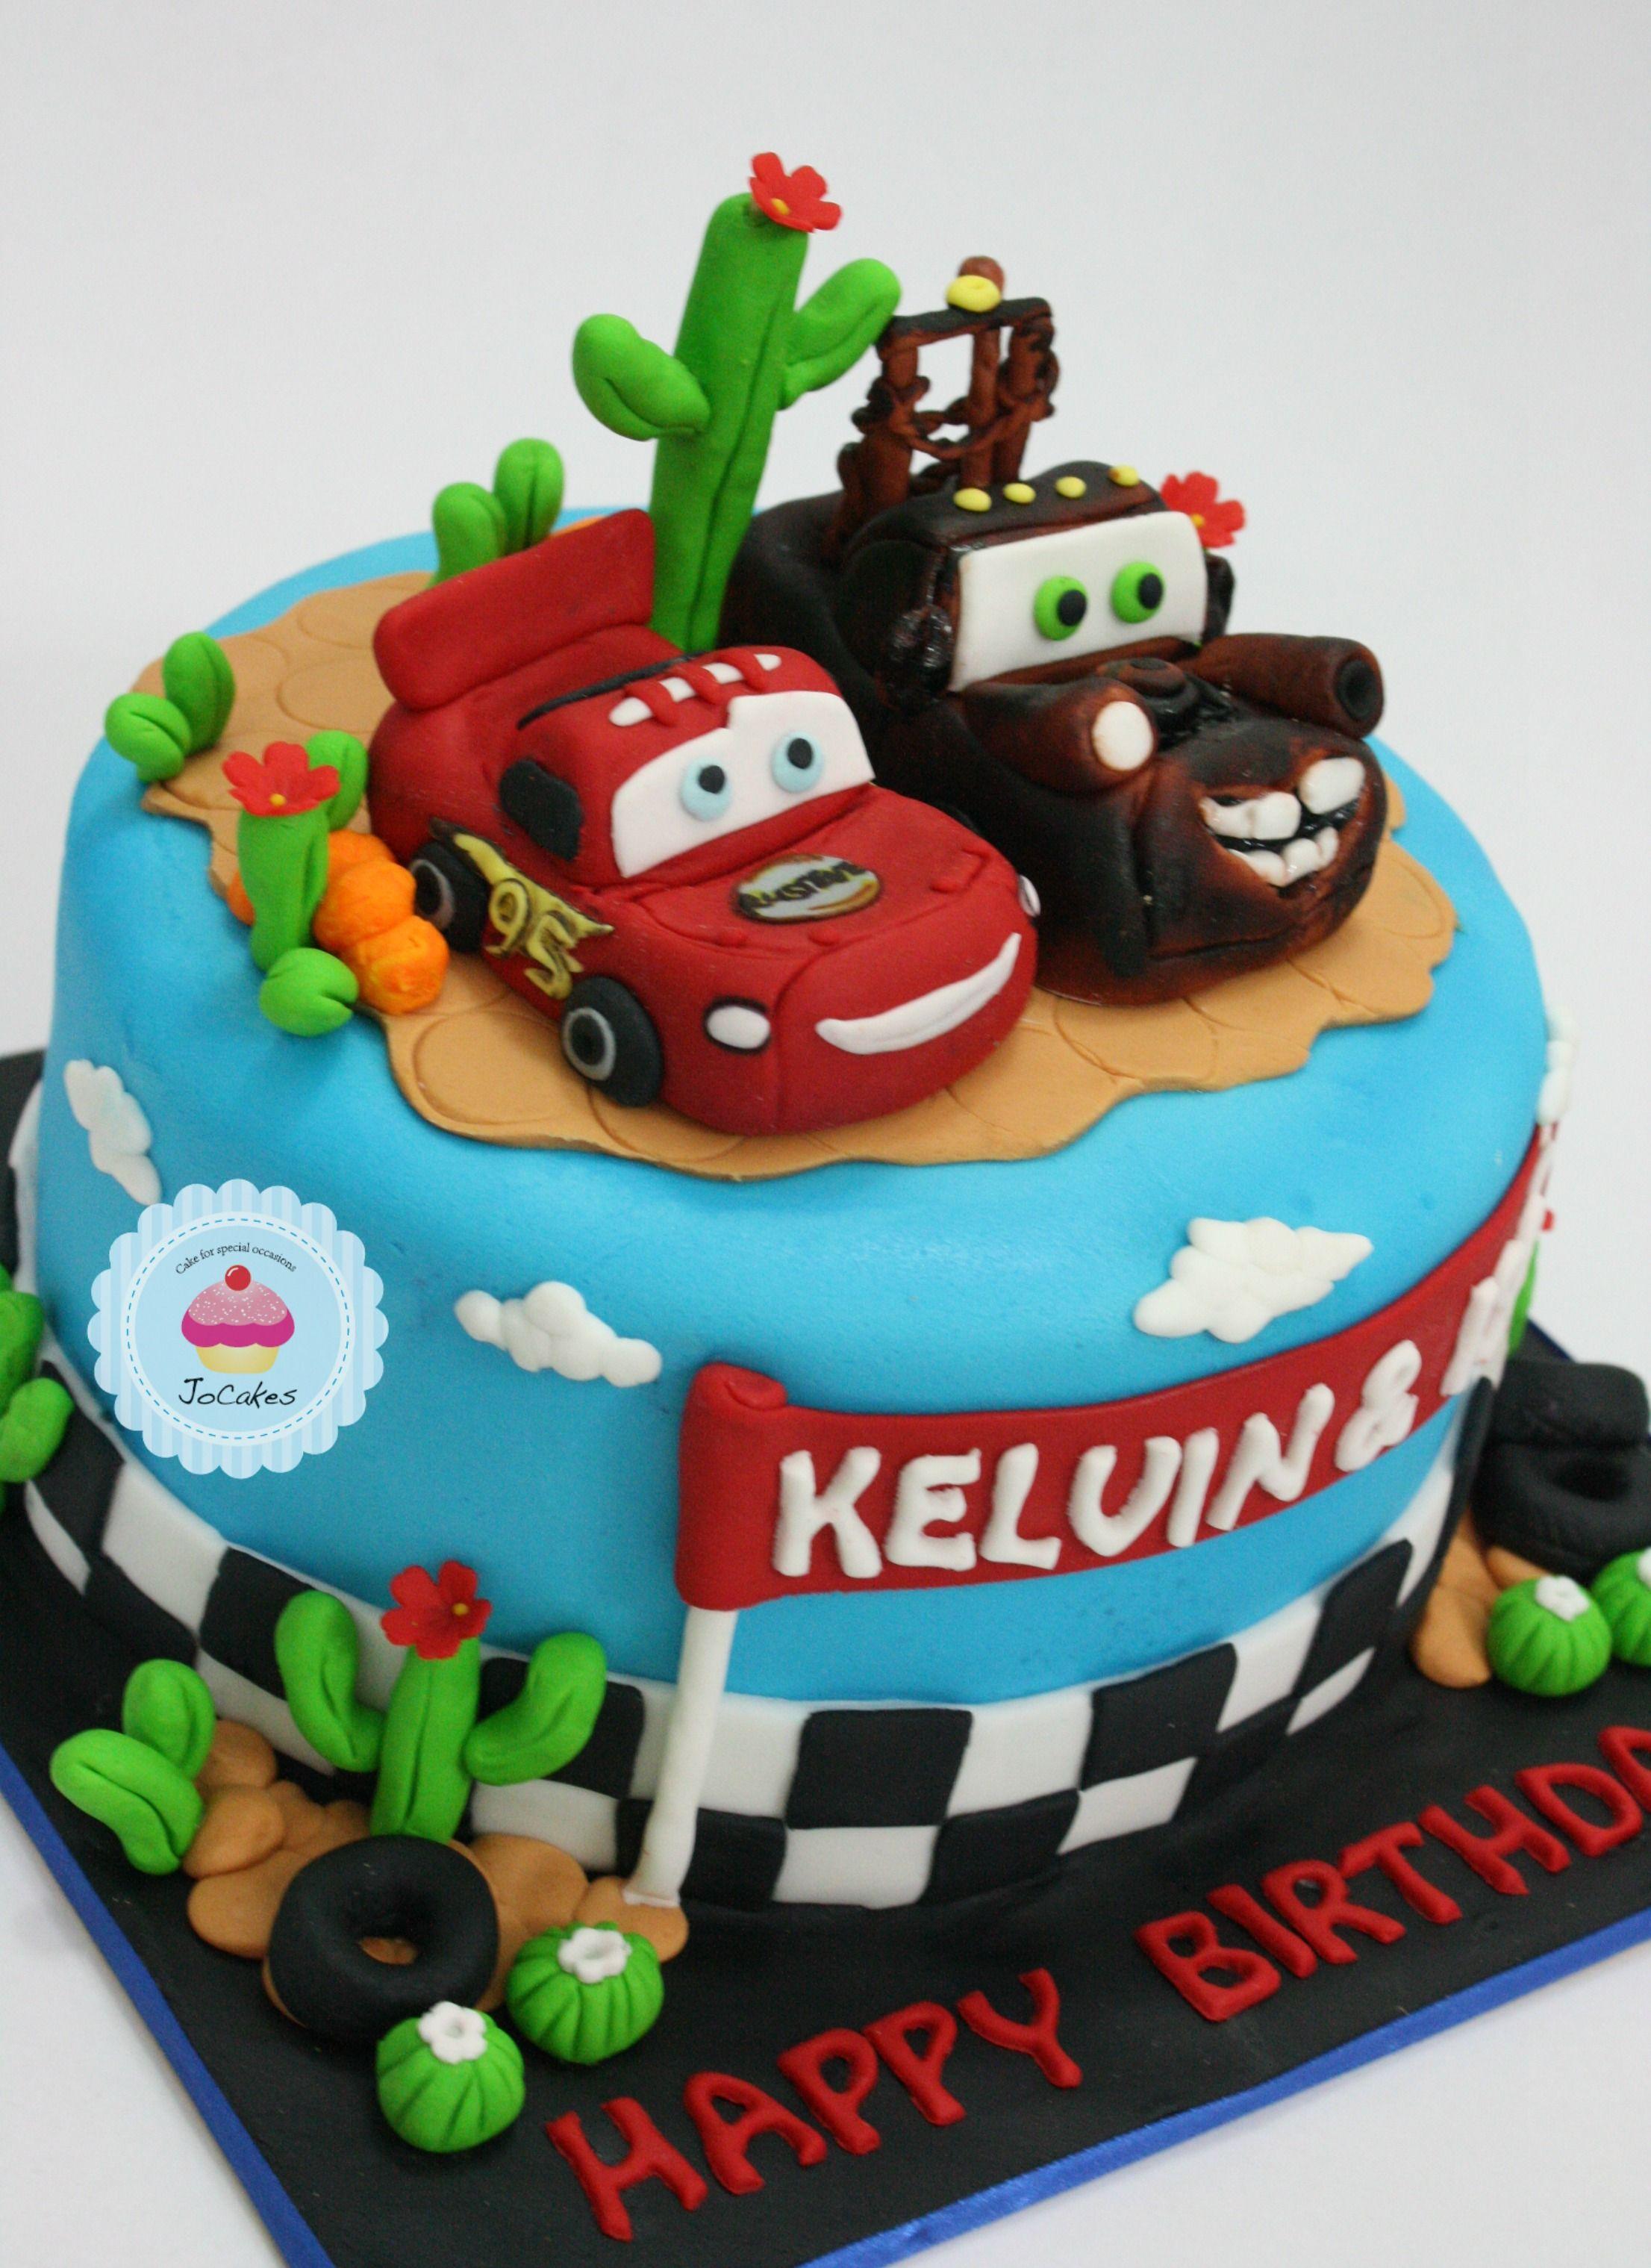 Pin by Katarzyna Osiecka on Dla dzieci Pinterest Cake Car cakes